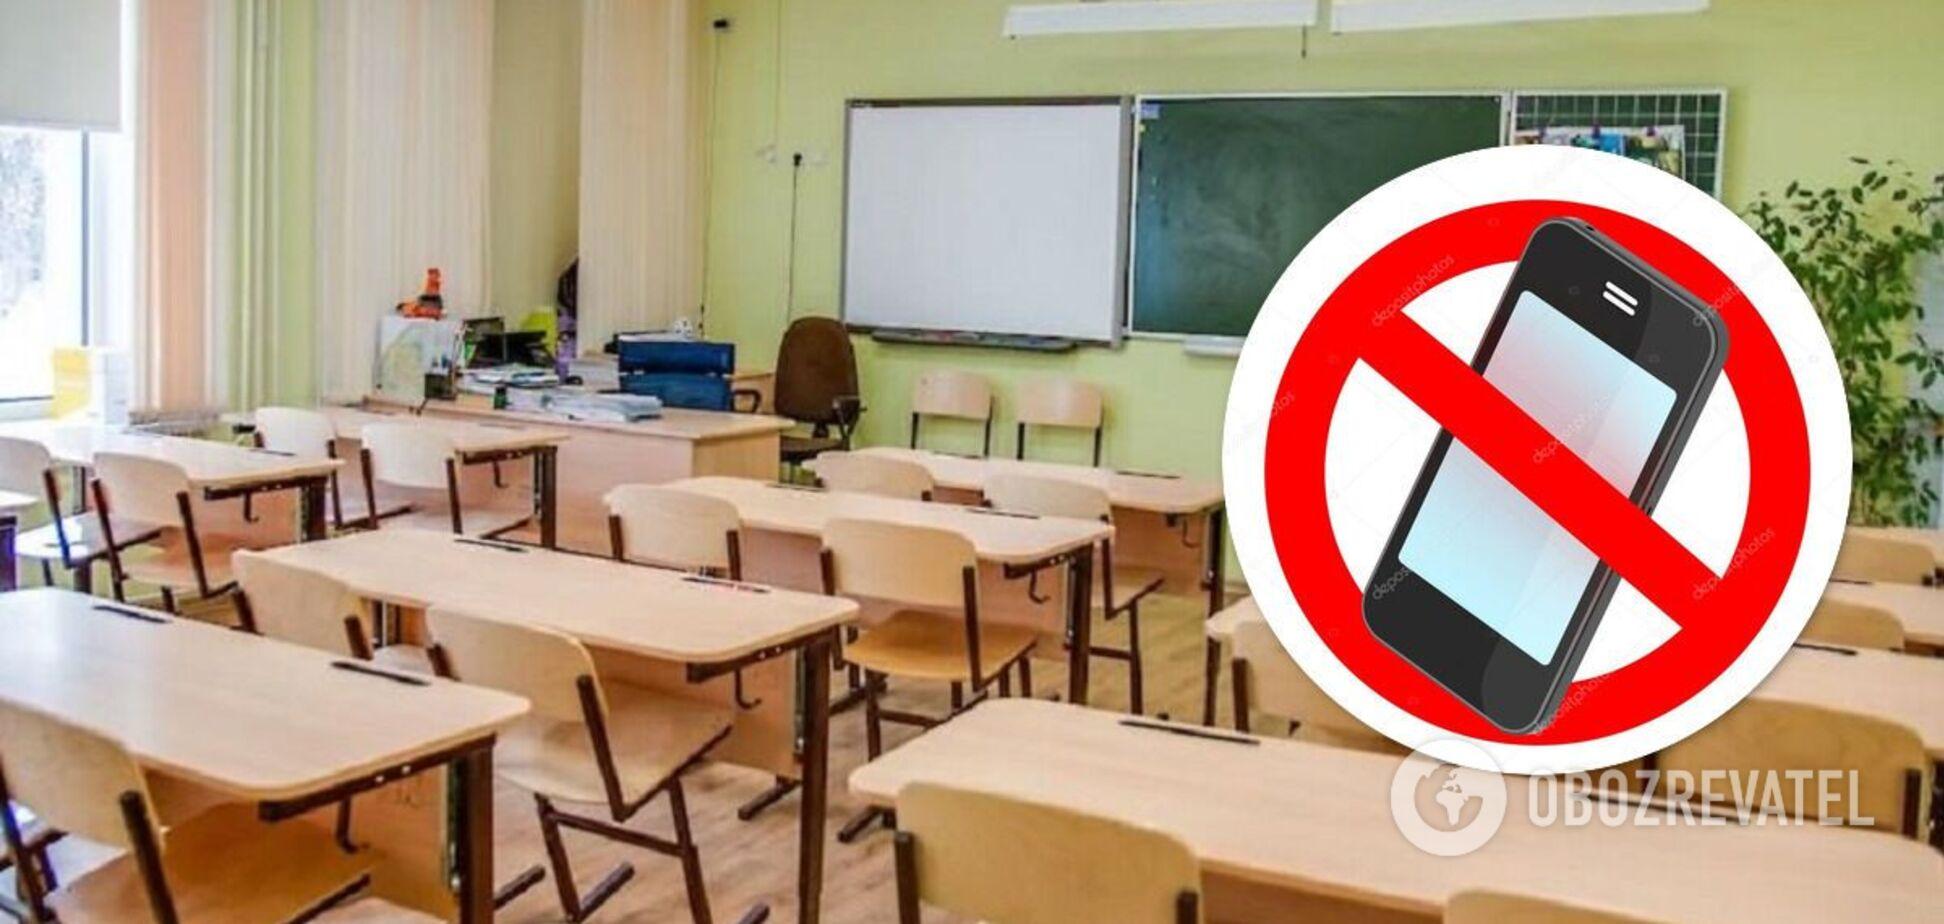 У школах України хочуть заборонити телефони: зареєстровано законопроєкт